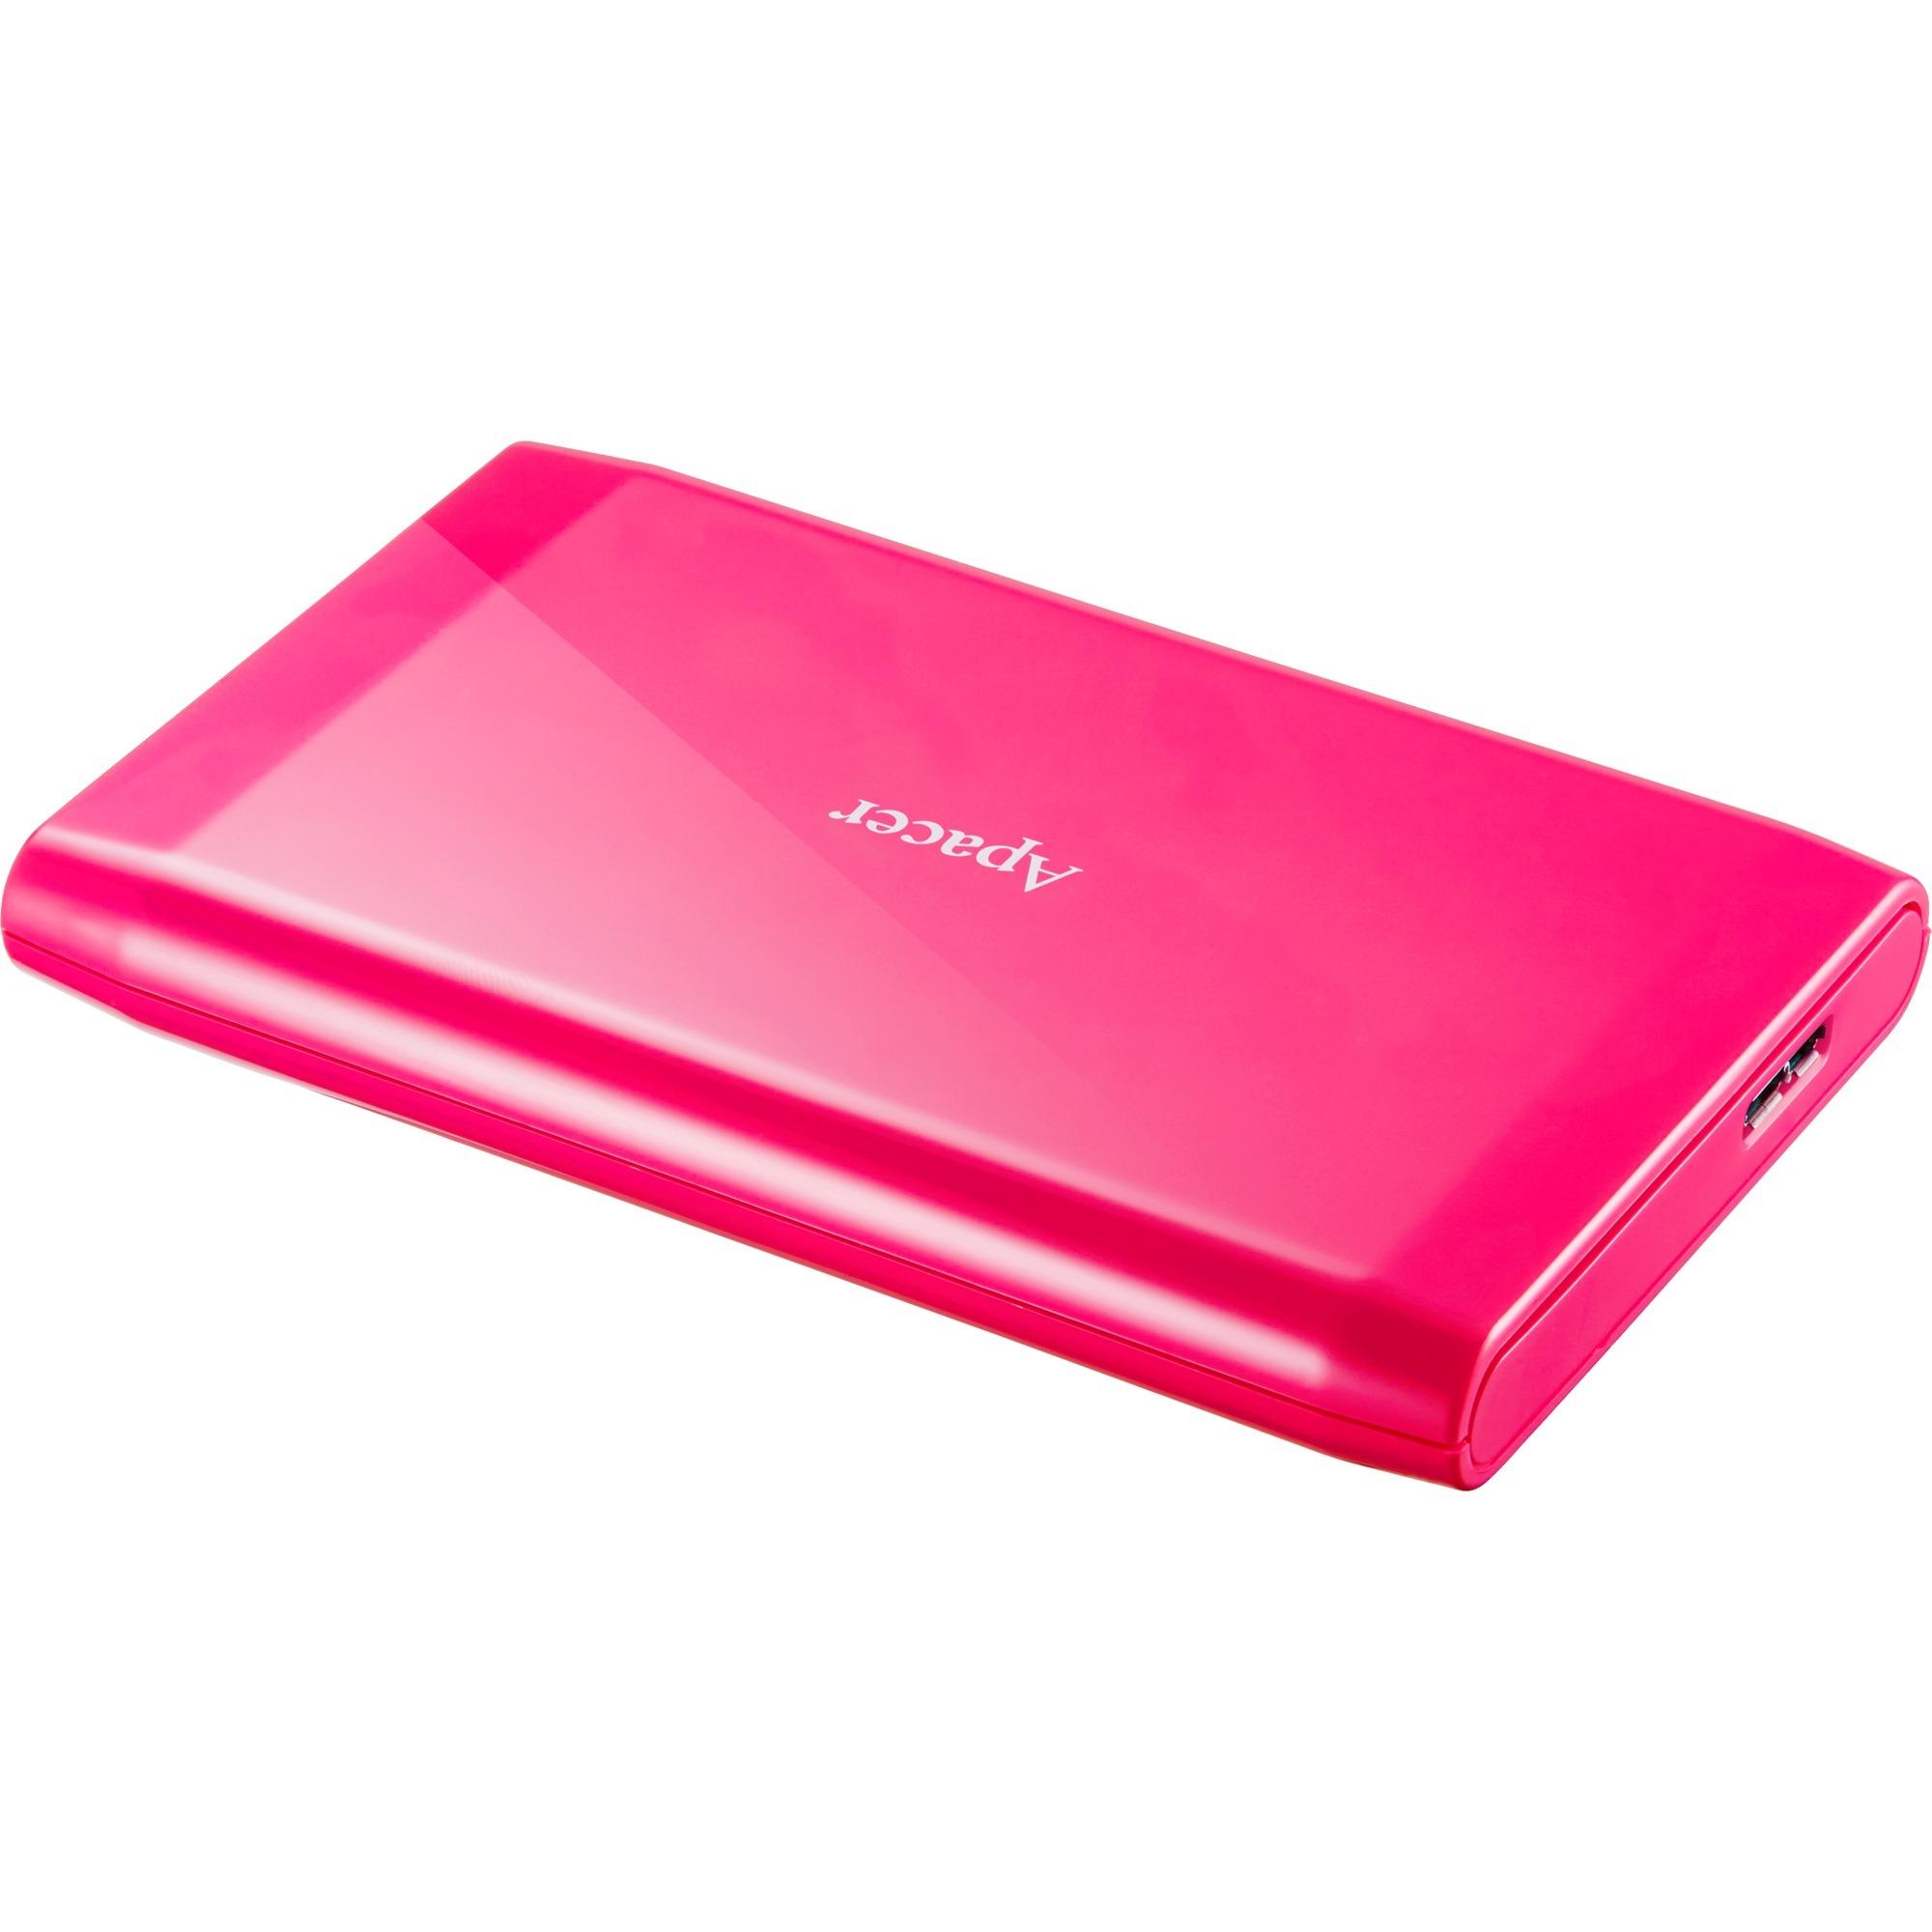 AC235 disco duro externo 500 GB Rosa, Unidad de disco duro